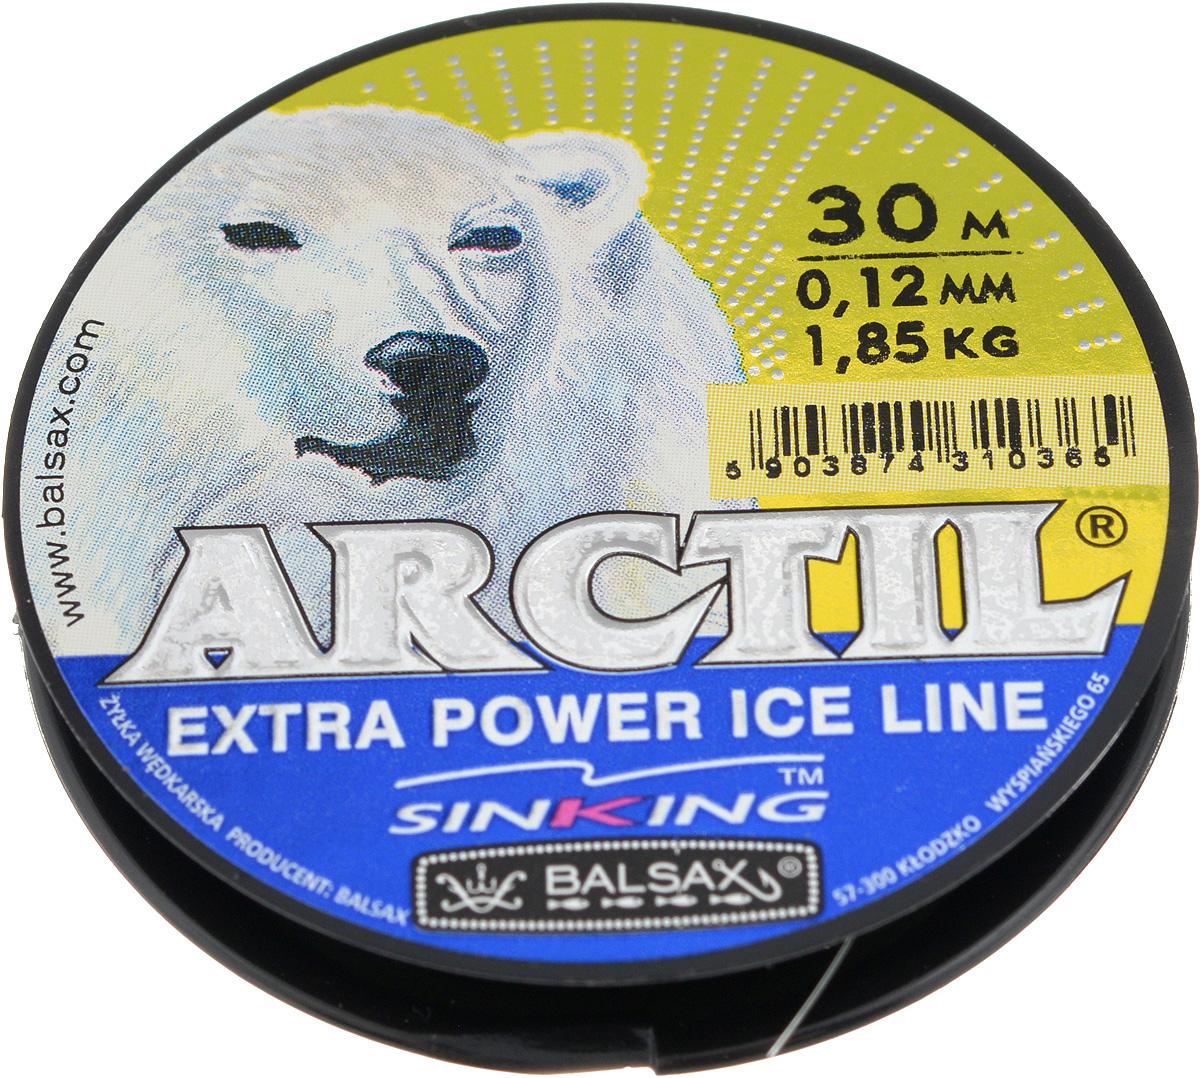 Леска зимняя Balsax Arctil, 30 м, 0,12 мм, 1,85 кг59283Леска Balsax Arctil изготовлена из 100% нейлона и очень хорошо выдерживаетнизкие температуры. Даже в самом холодном климате, при температуре вплотьдо -40°C, она сохраняет свои свойствапрактически без изменений, в то время как традиционные лески становятся менееэластичными и теряют прочность. Поверхность лески обработана таким образом, что она не обмерзает и отличноподходит для подледного лова. Прочна вместах вязки узлов даже при минимальном диаметре.